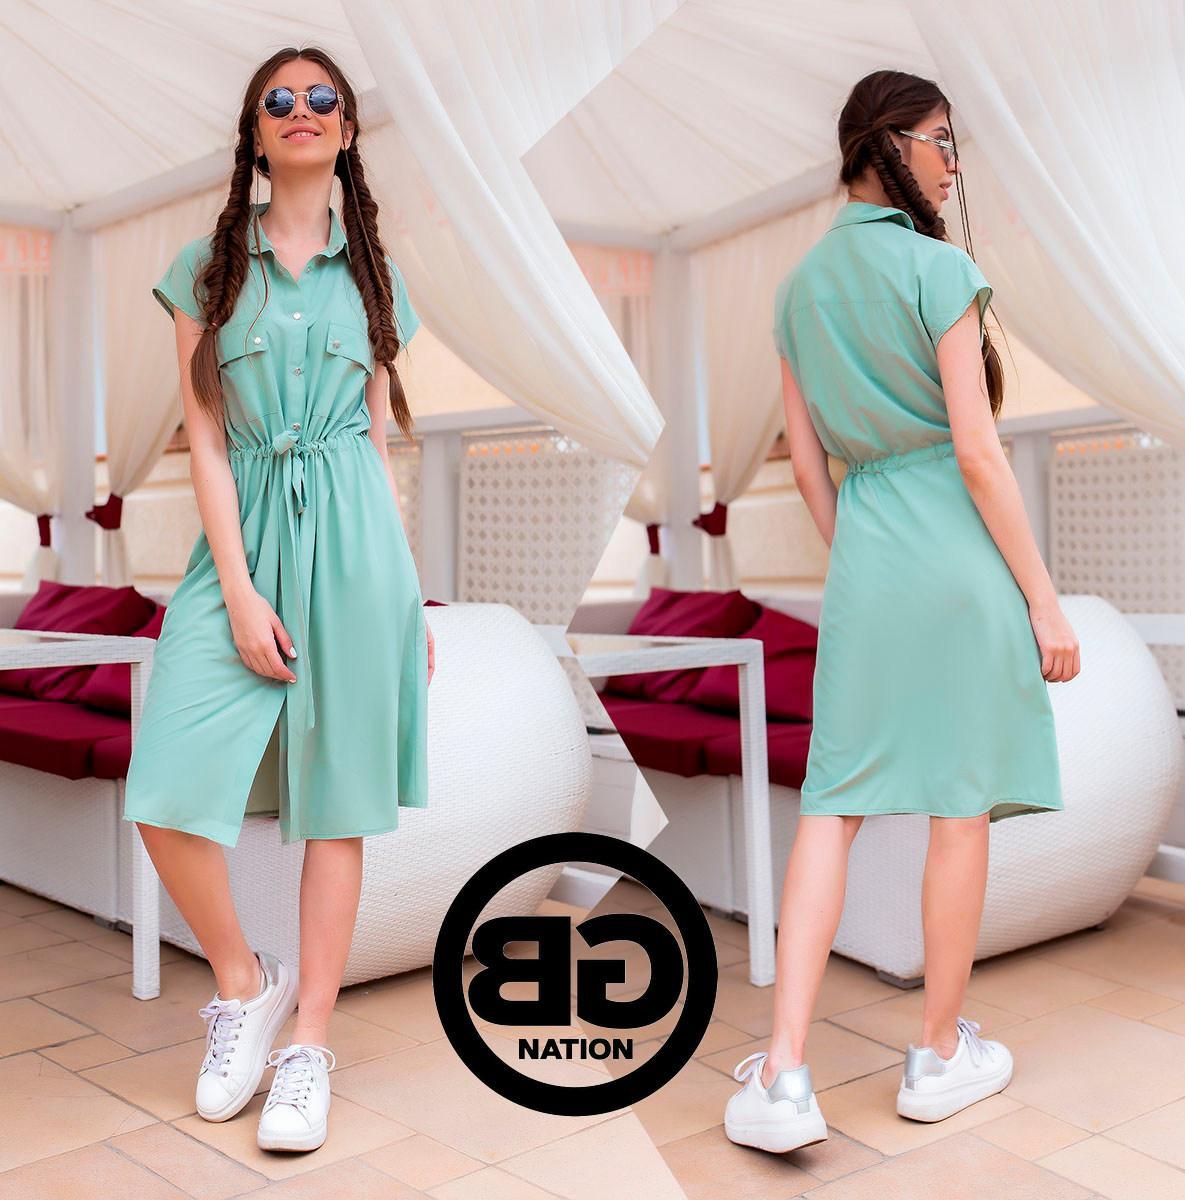 Платье-рубашка на застежках кнопки, накладные карманы и поясок затяжка, 3 цвета р.S, M, L код 2-2243G